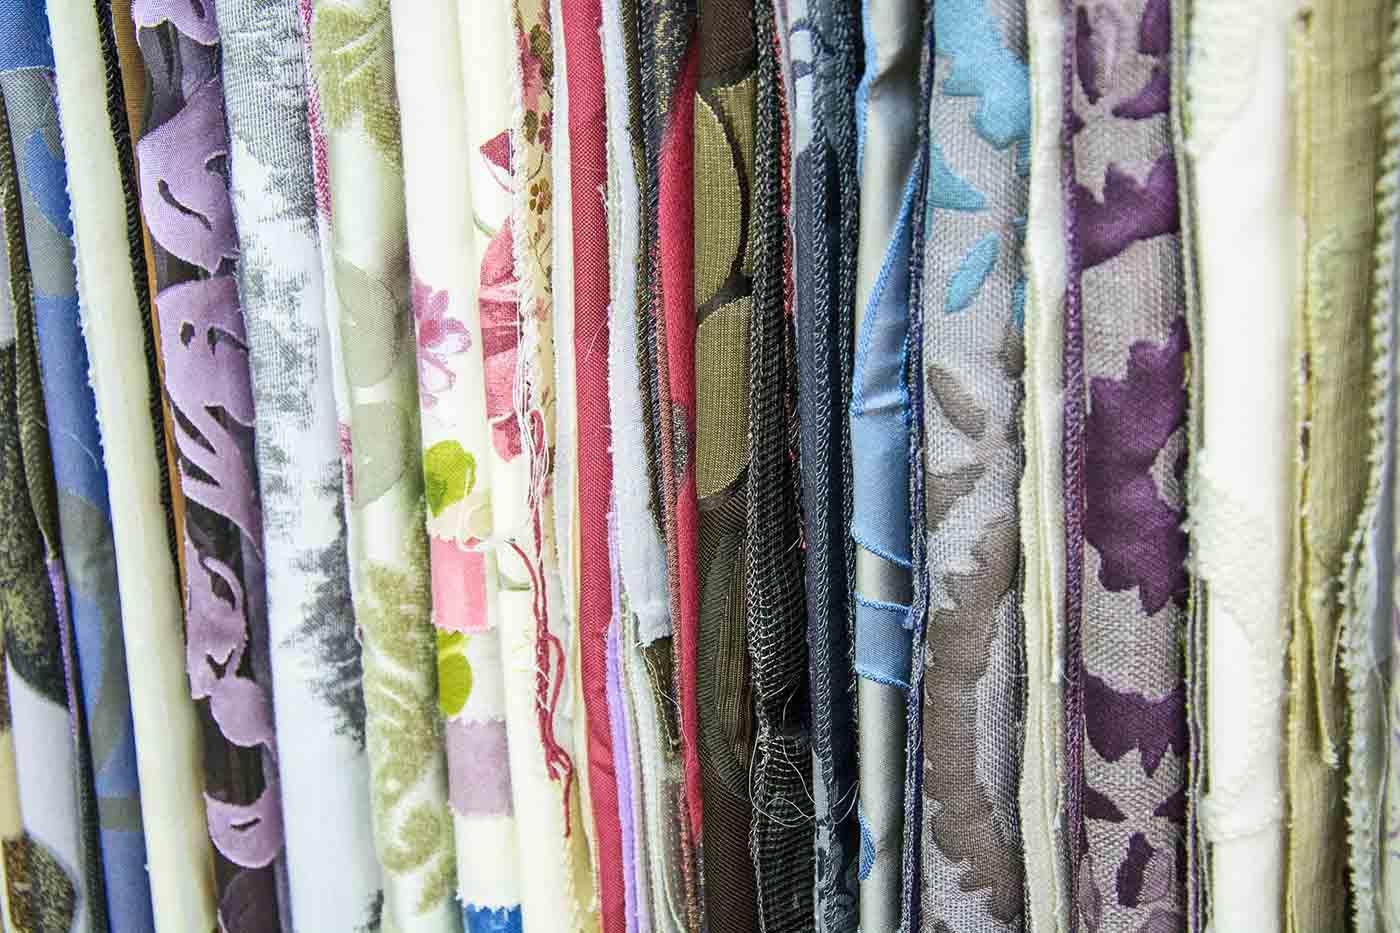 Mostrari de teles de cortina diferents teixits i colors